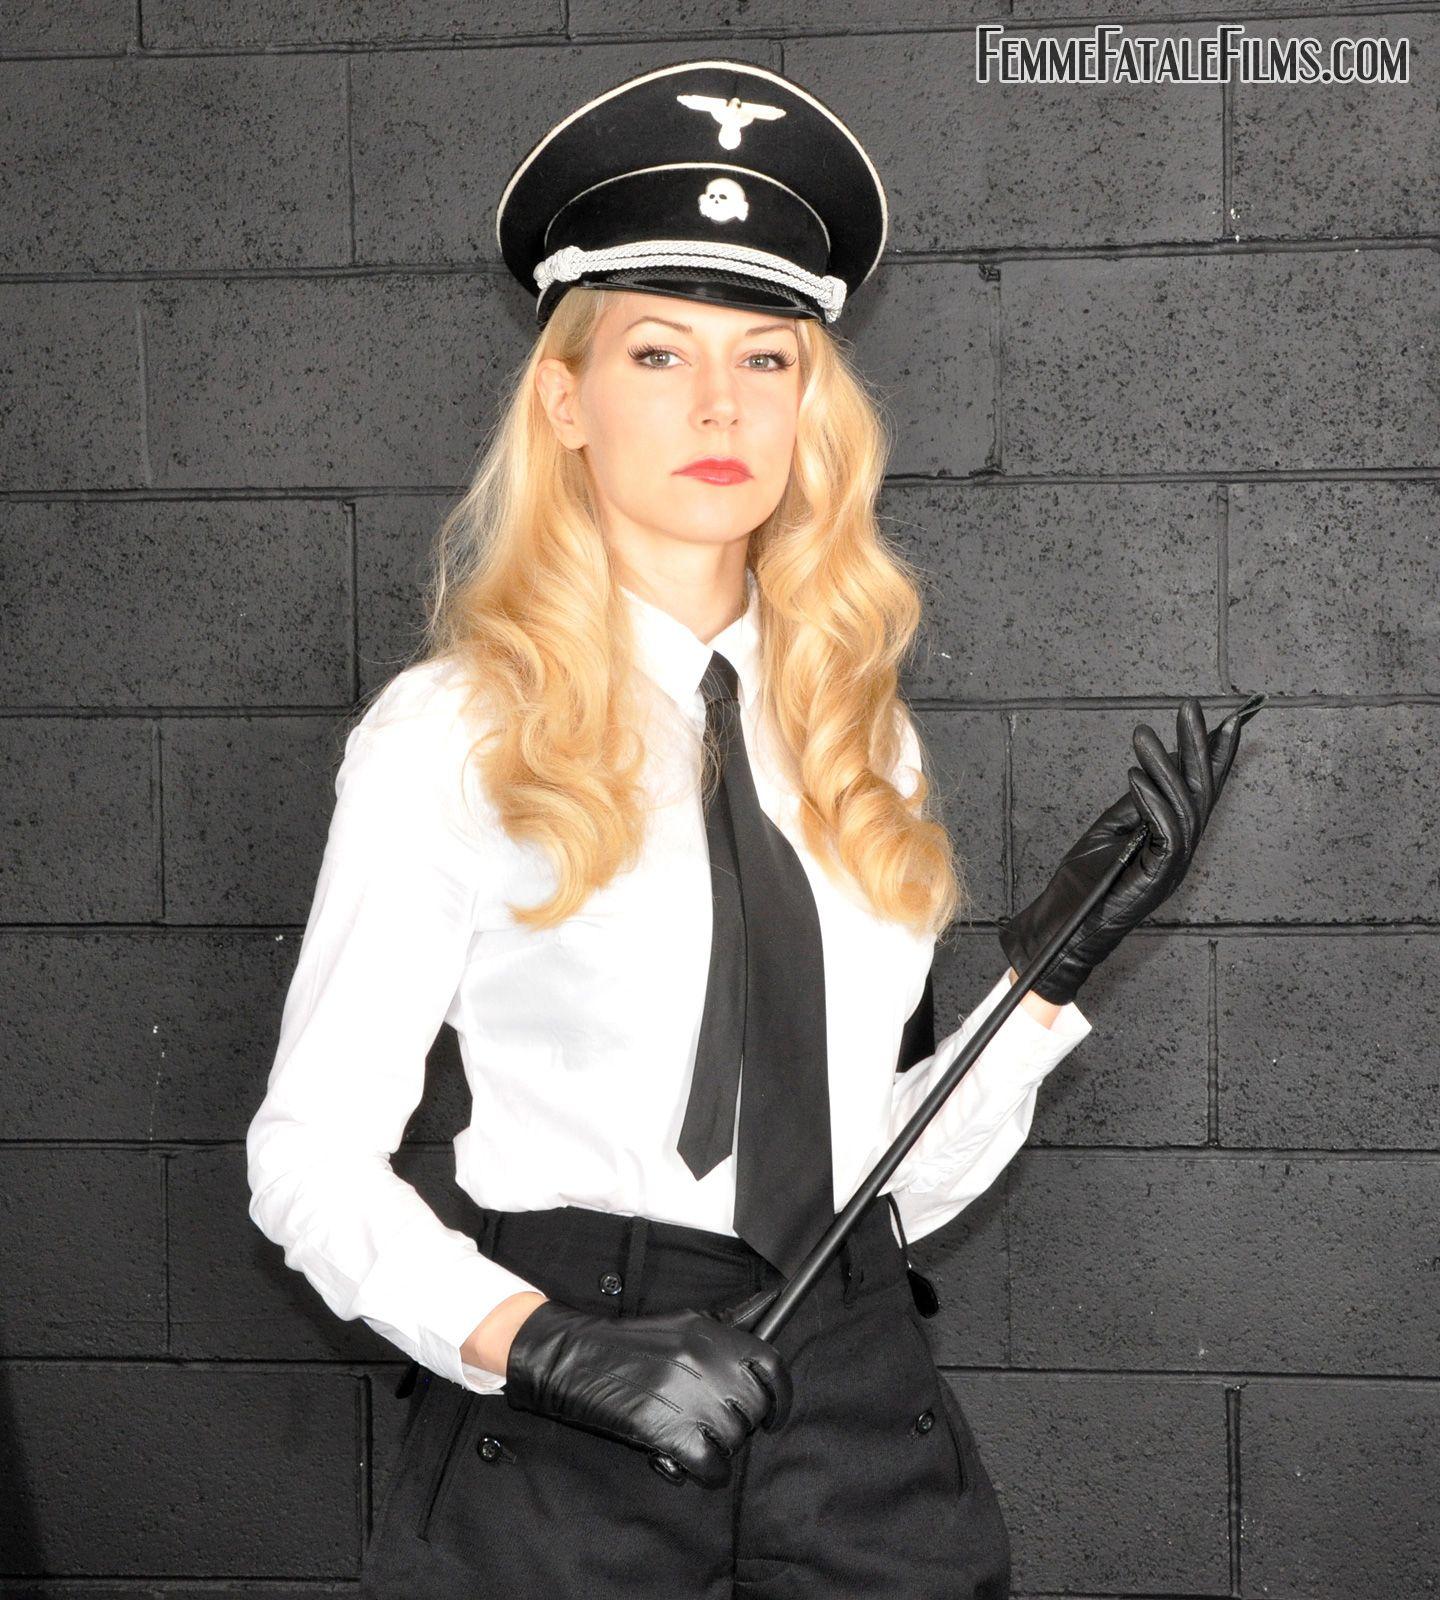 blondinki-v-gestapovskoy-forme-rossiyskie-eroticheskie-komedii-onlayn